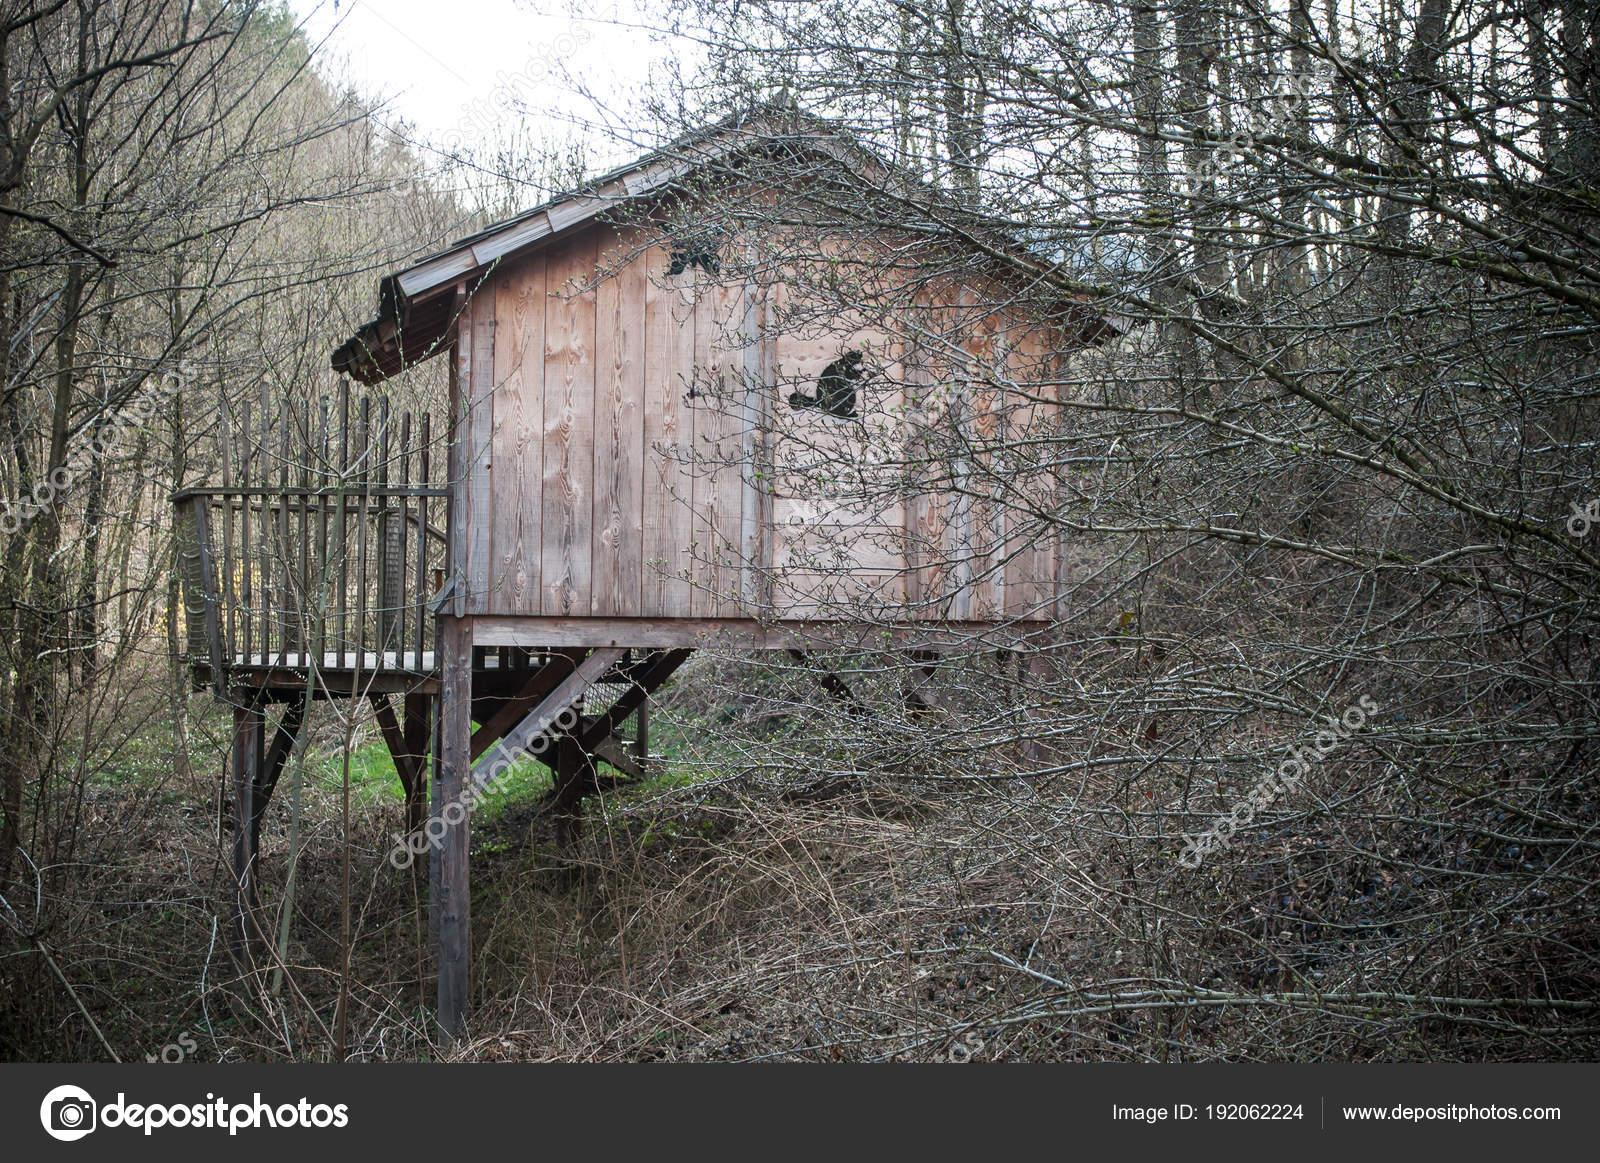 Cabana De Madera Tradicional De Los Arboles En El Bosque Fotos De - Cabaas-de-madera-en-arboles